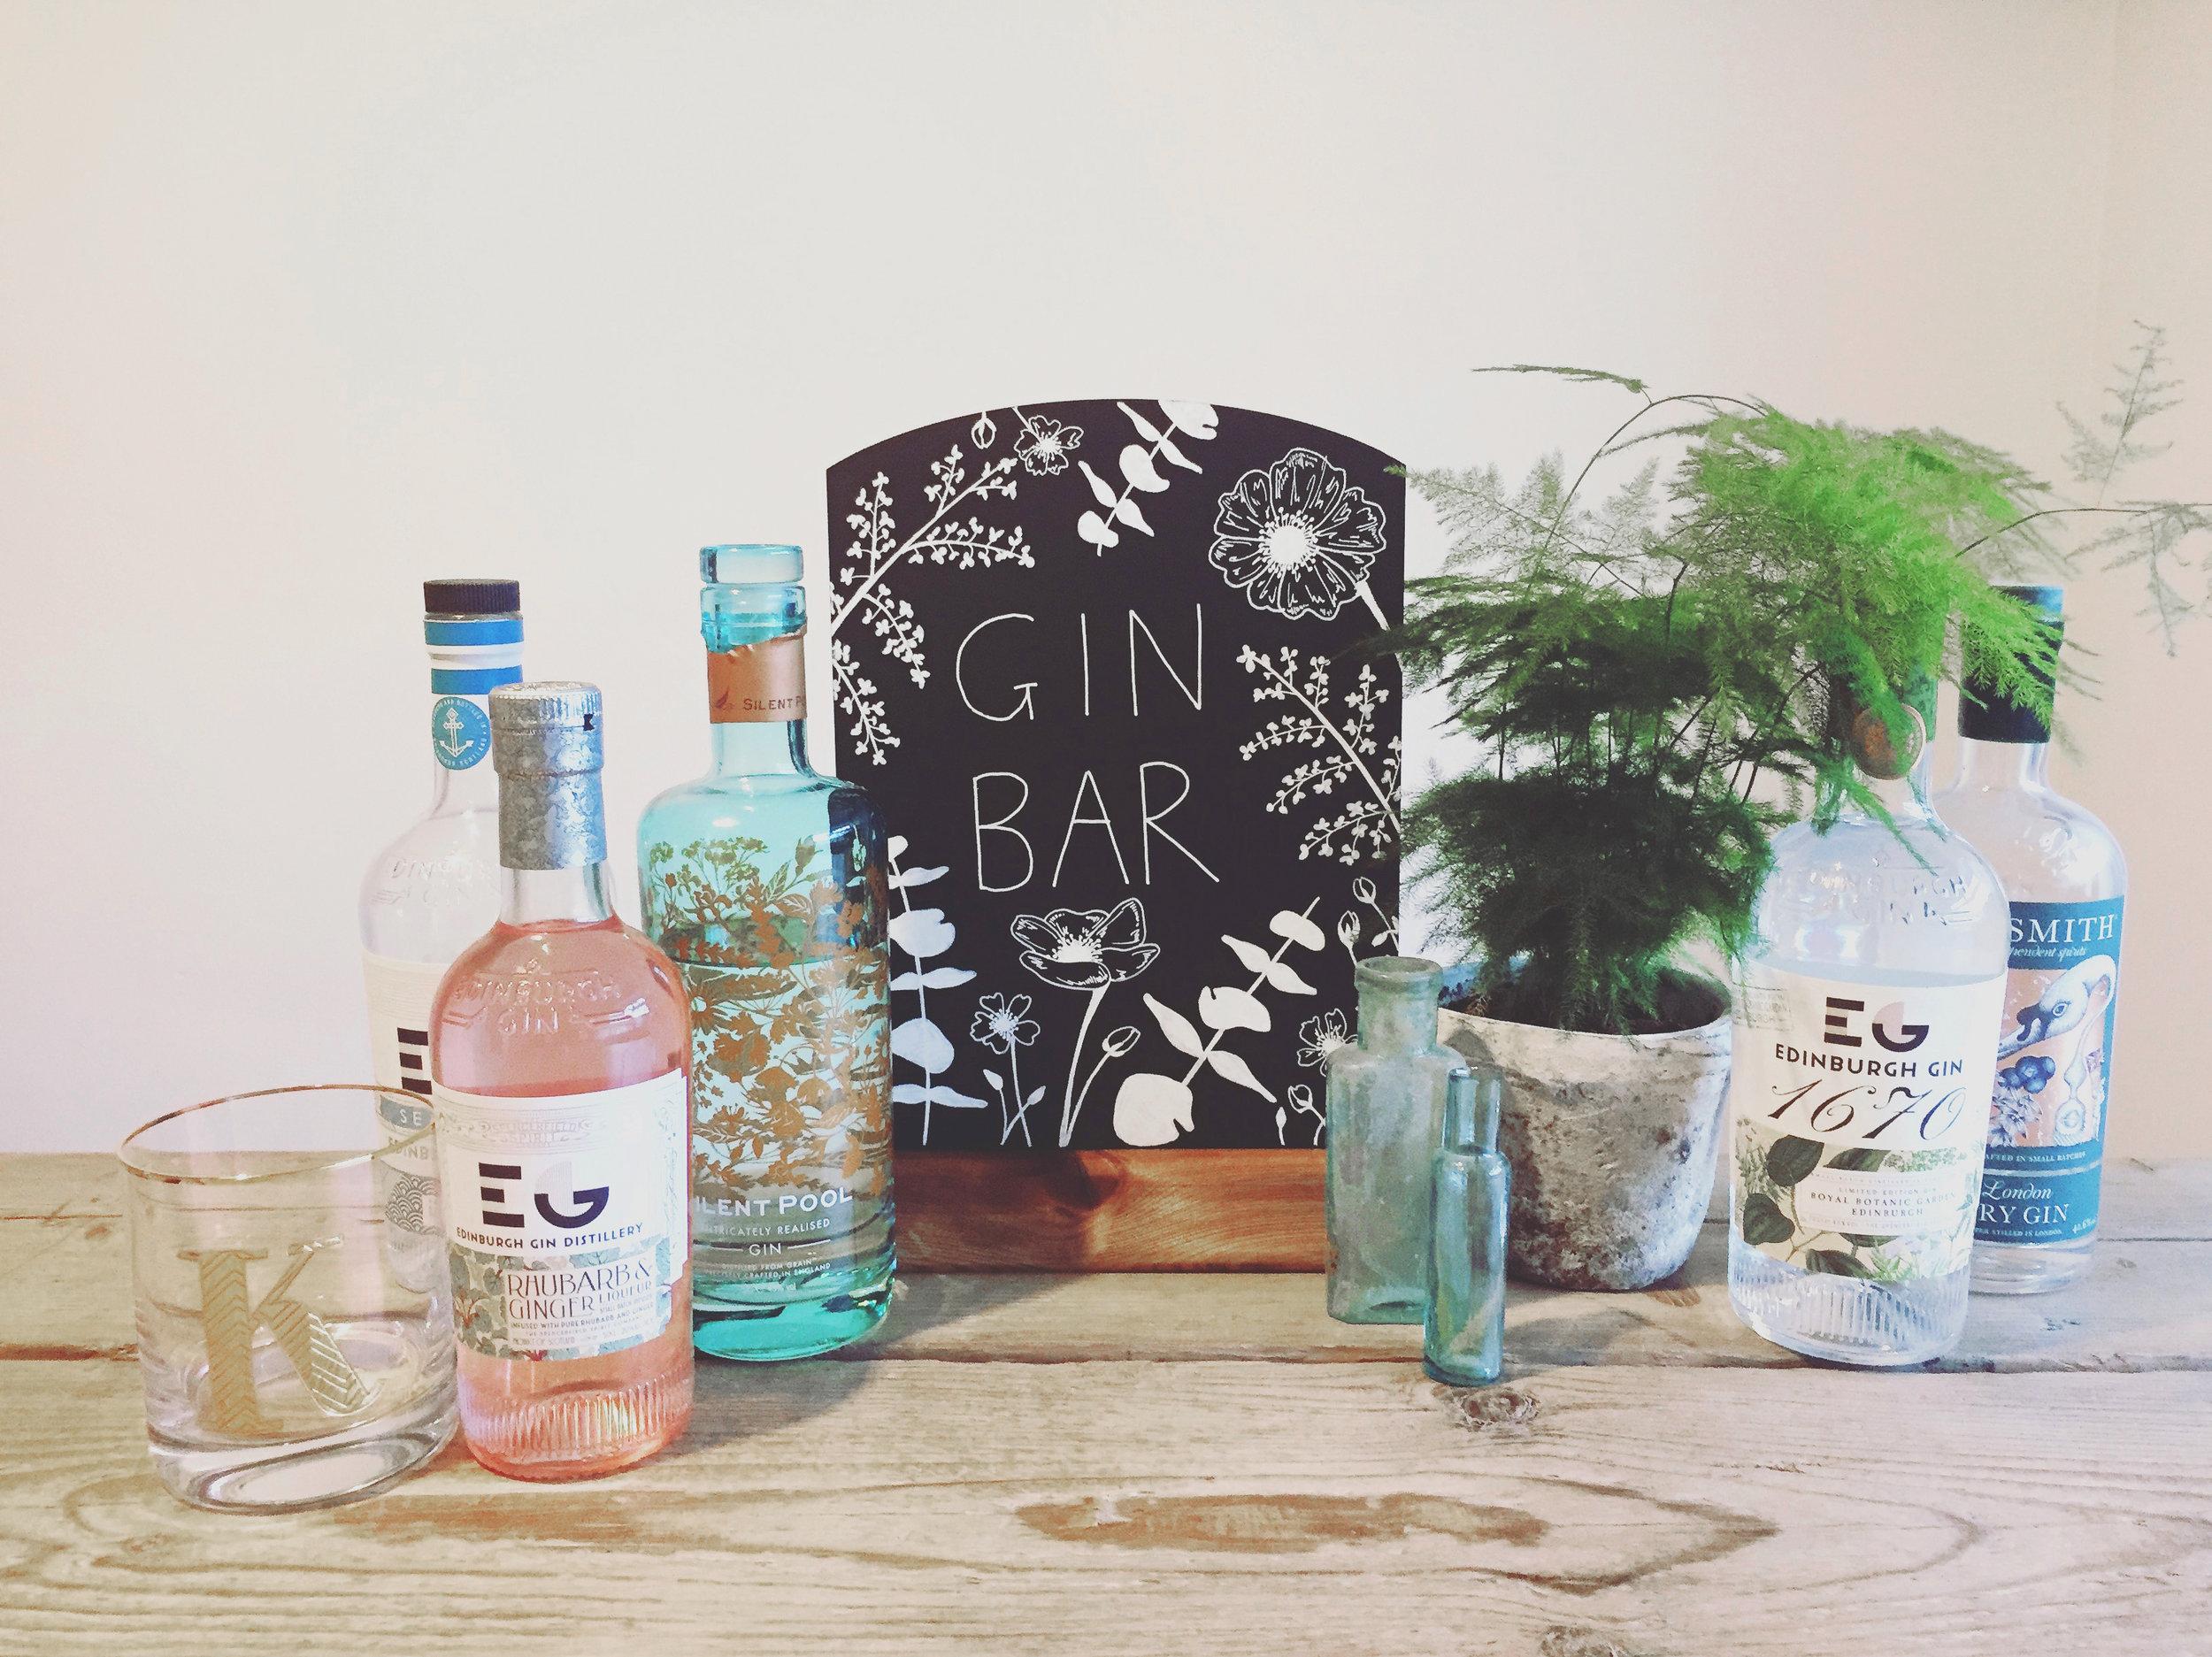 Gin Bar Sign 2.jpg